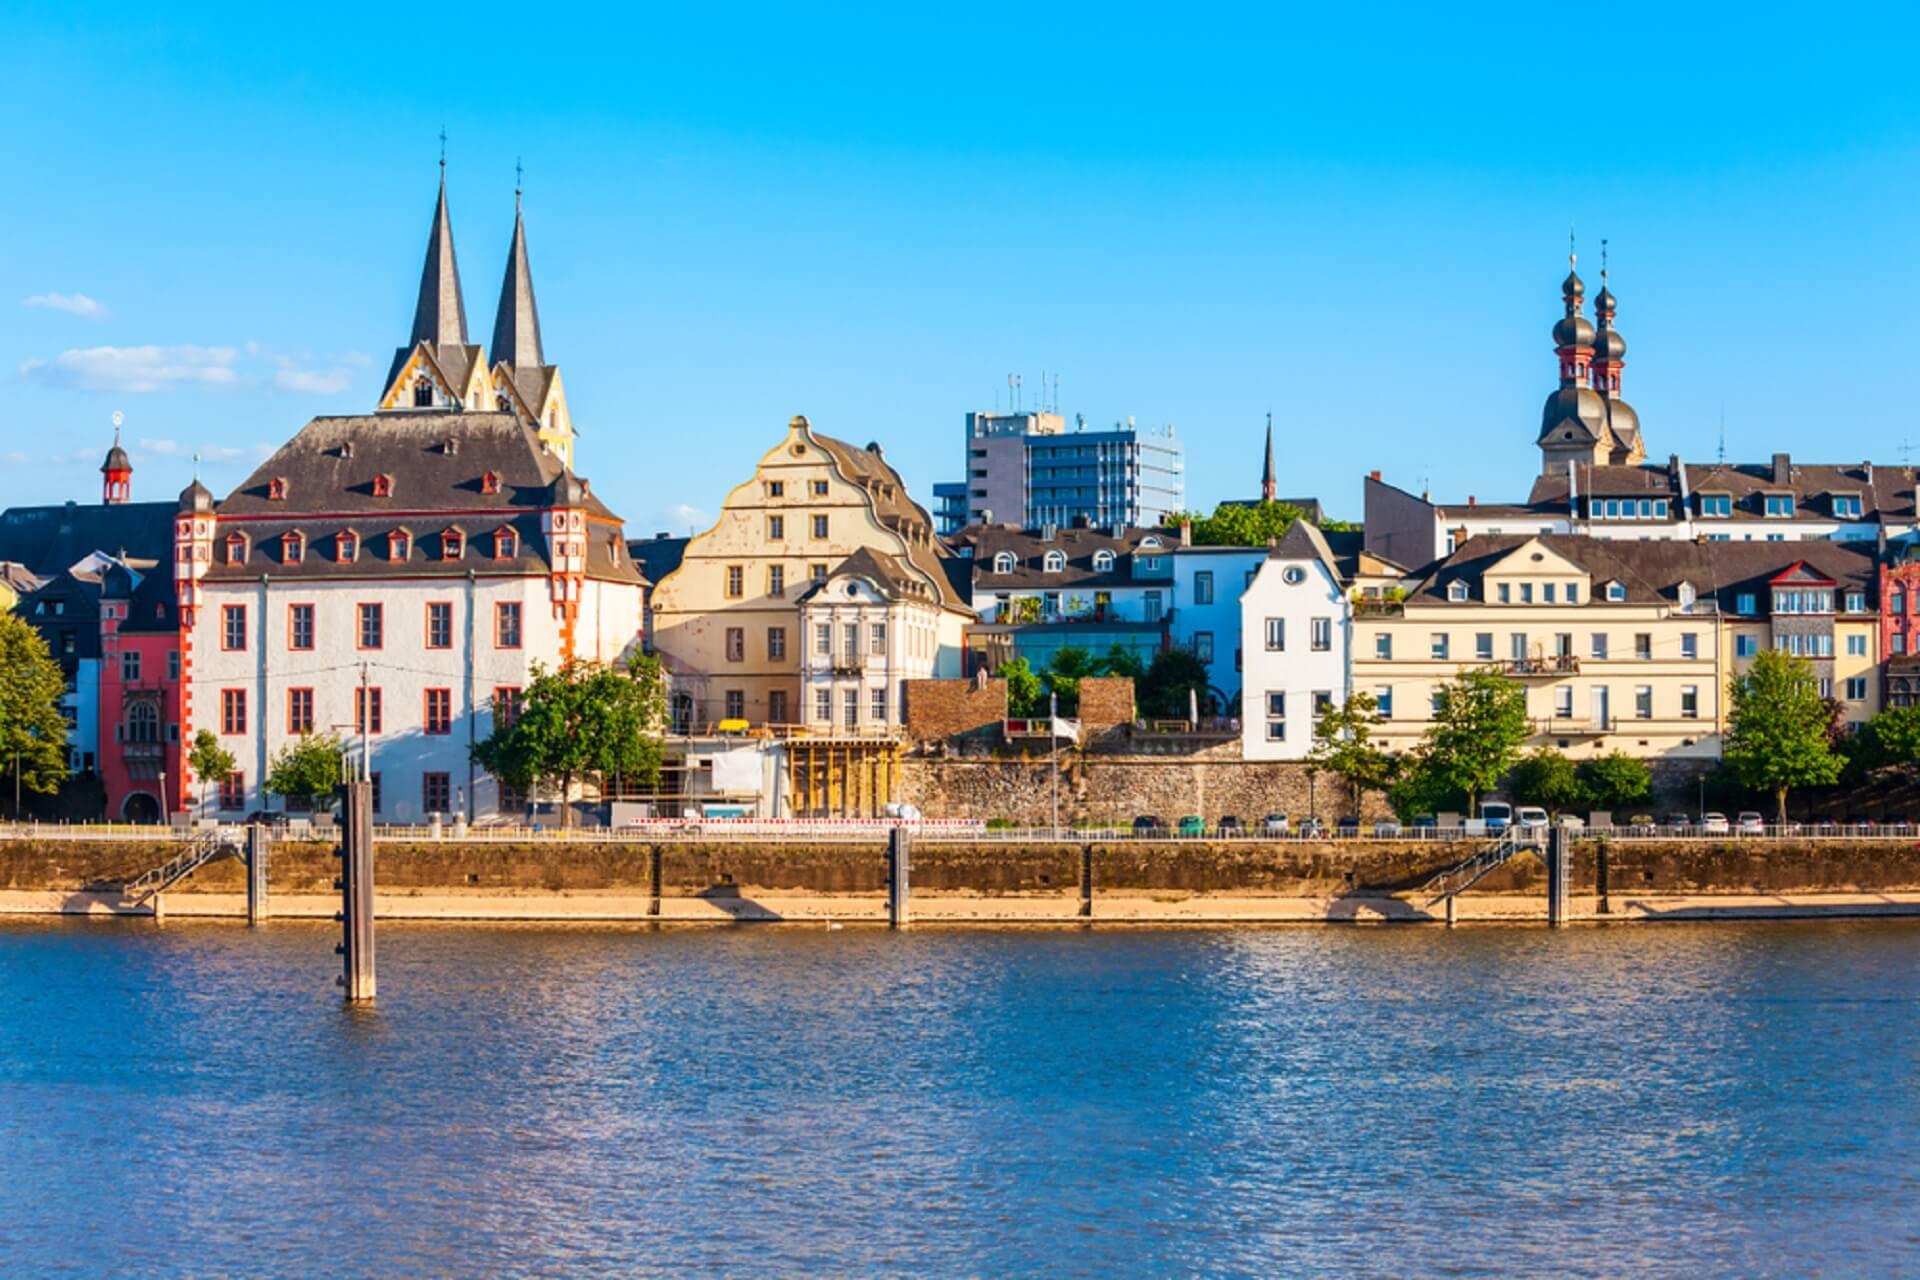 KoblenzGermany